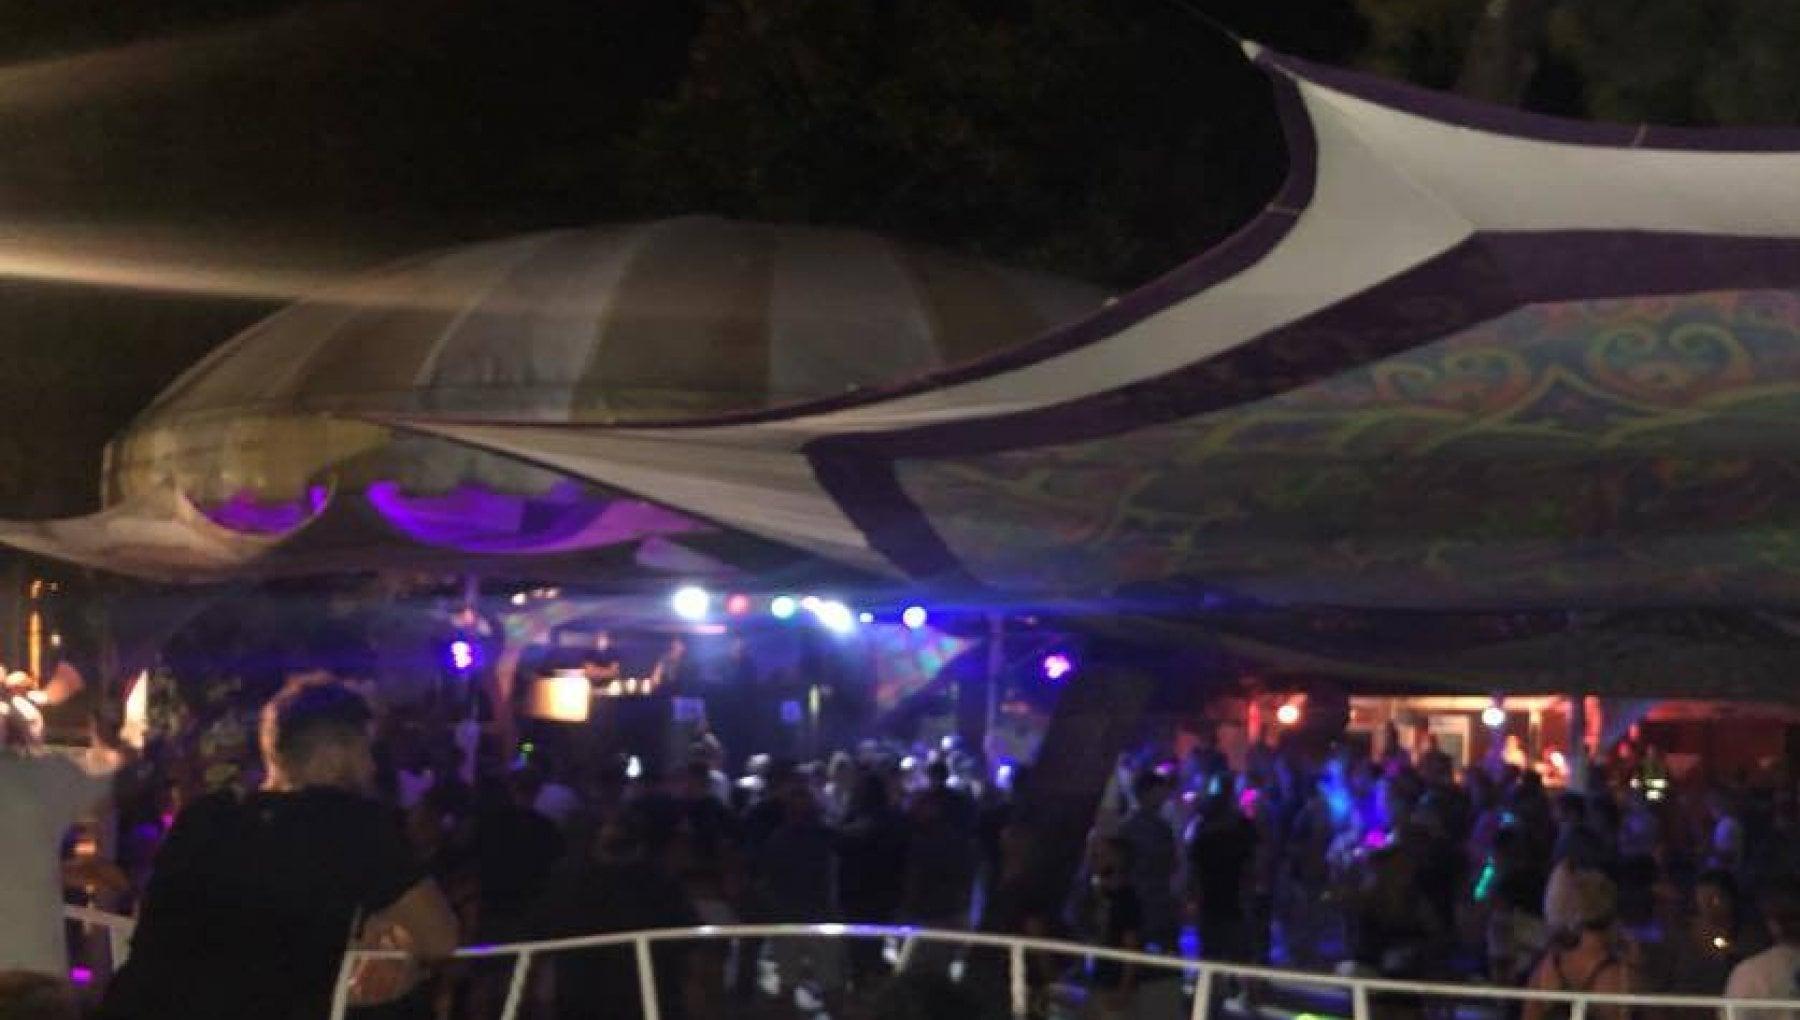 151304994 94762704 94cf 42f7 b220 be95c97eb5db - Feste non autorizzate in Riviera. In mille a ballare: chiusa una discoteca a Rimini